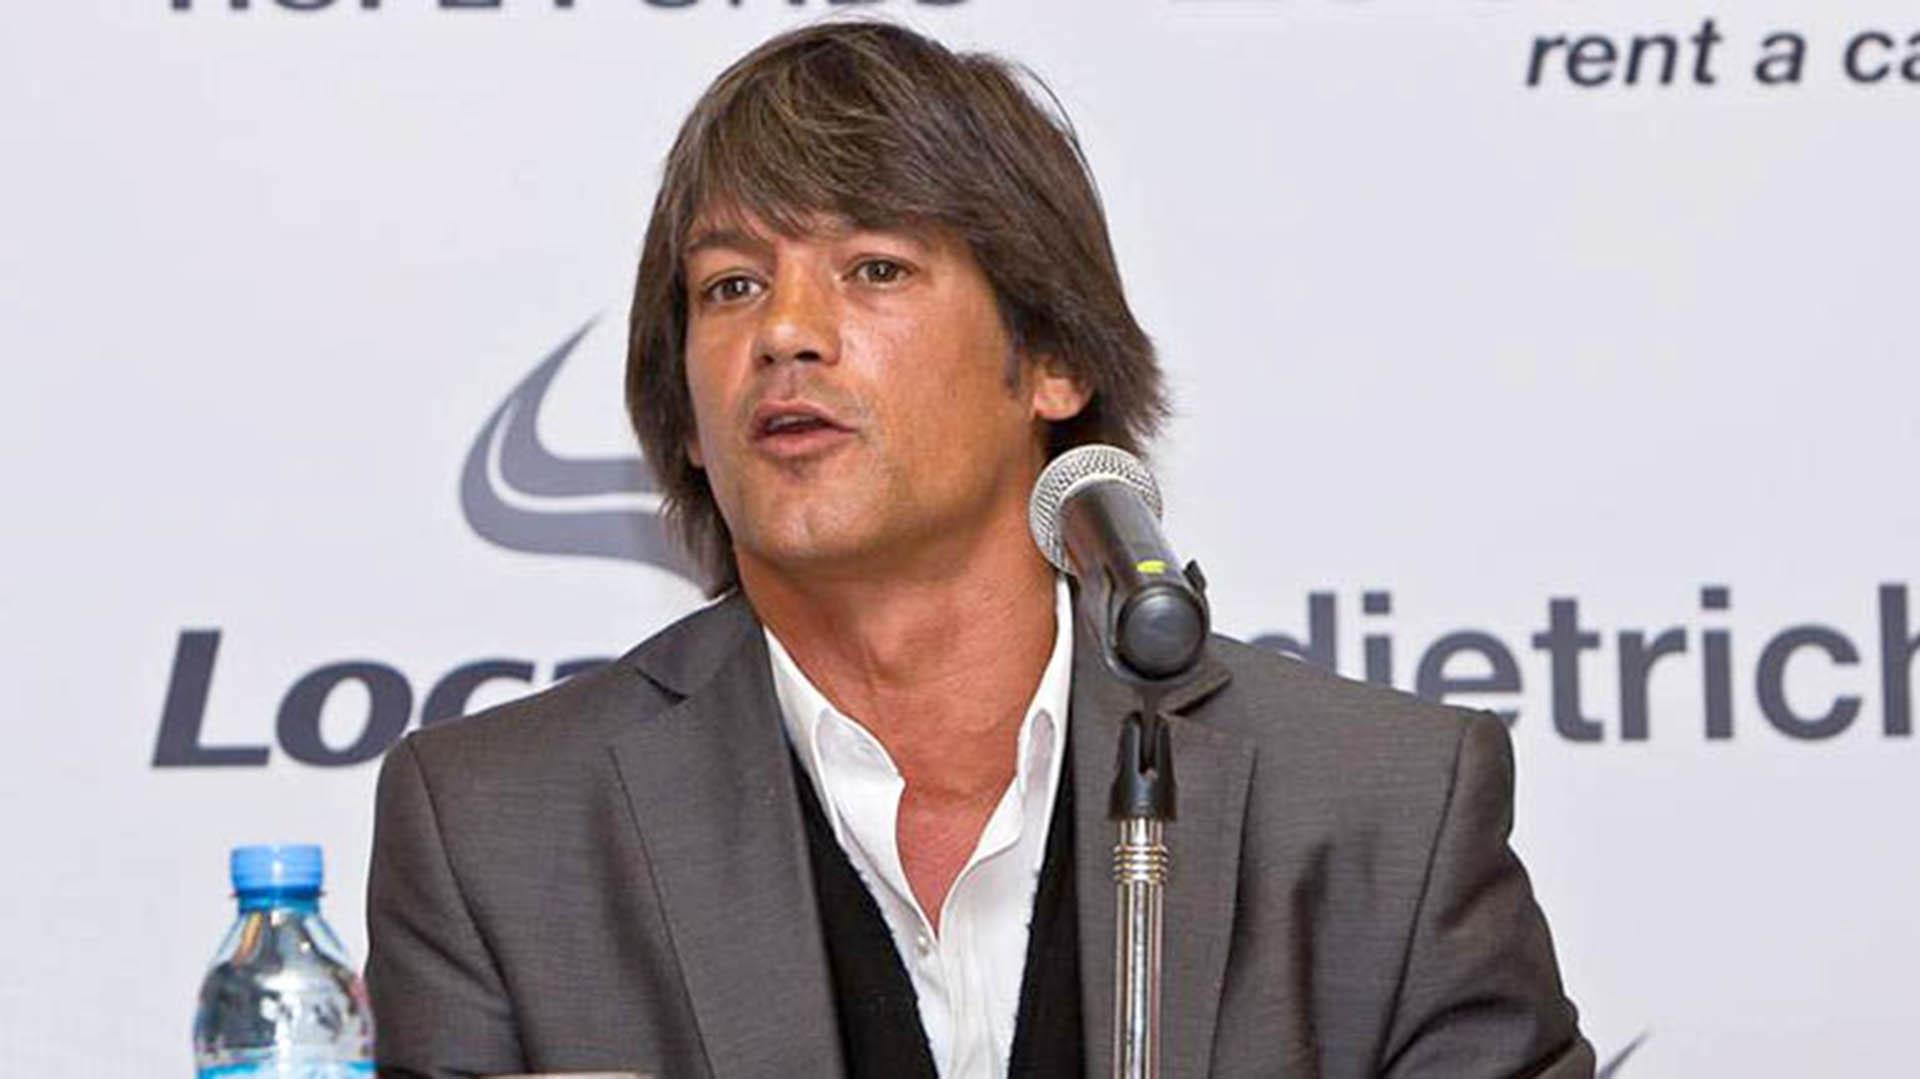 Enrique Blaksley, cabeza de Hope Funds, hoy acusado de estafa y lavado.